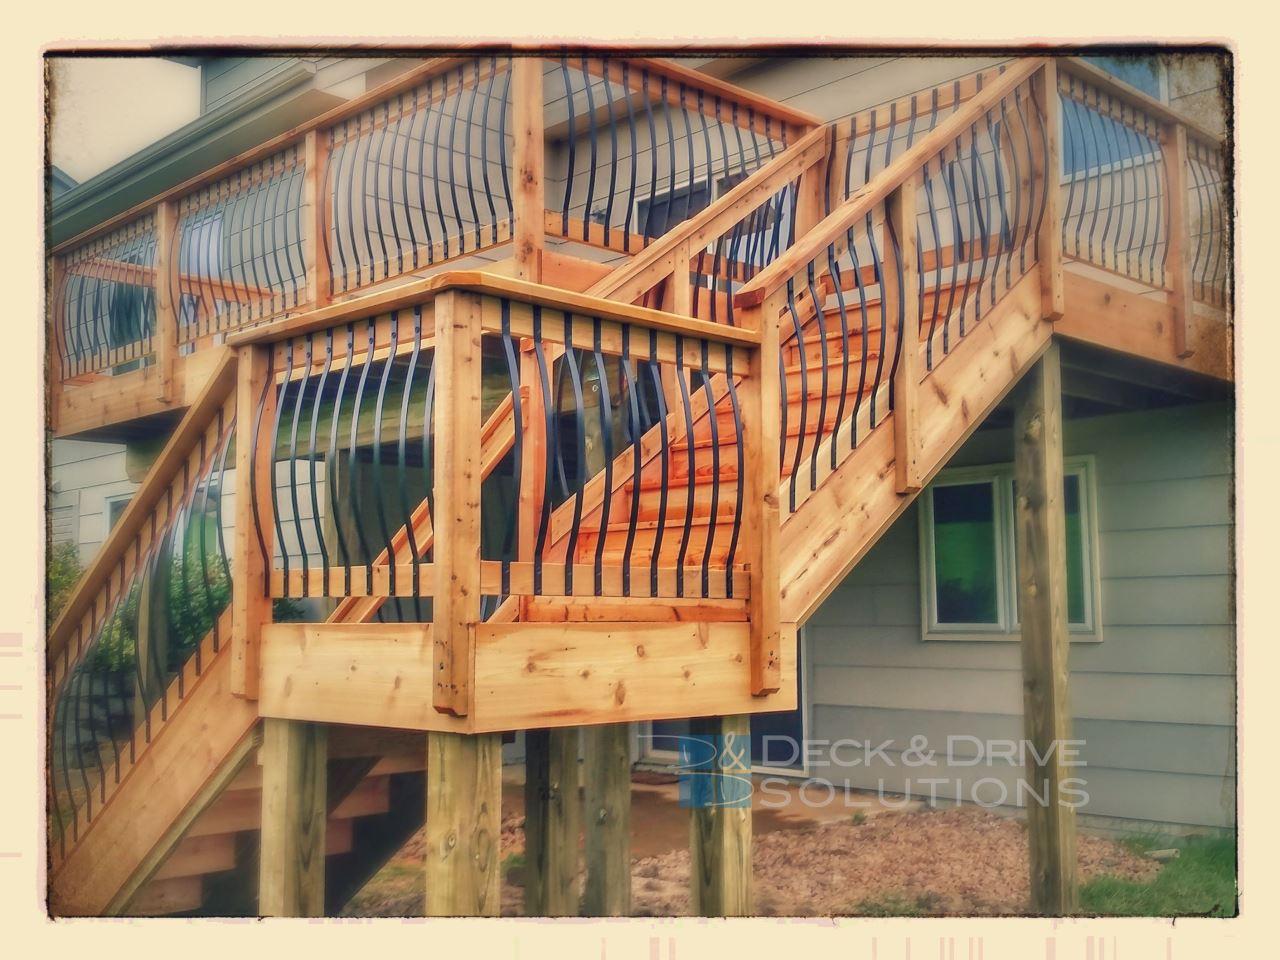 New Cedar Deck With Arc Railing Des Moines Deck Builder